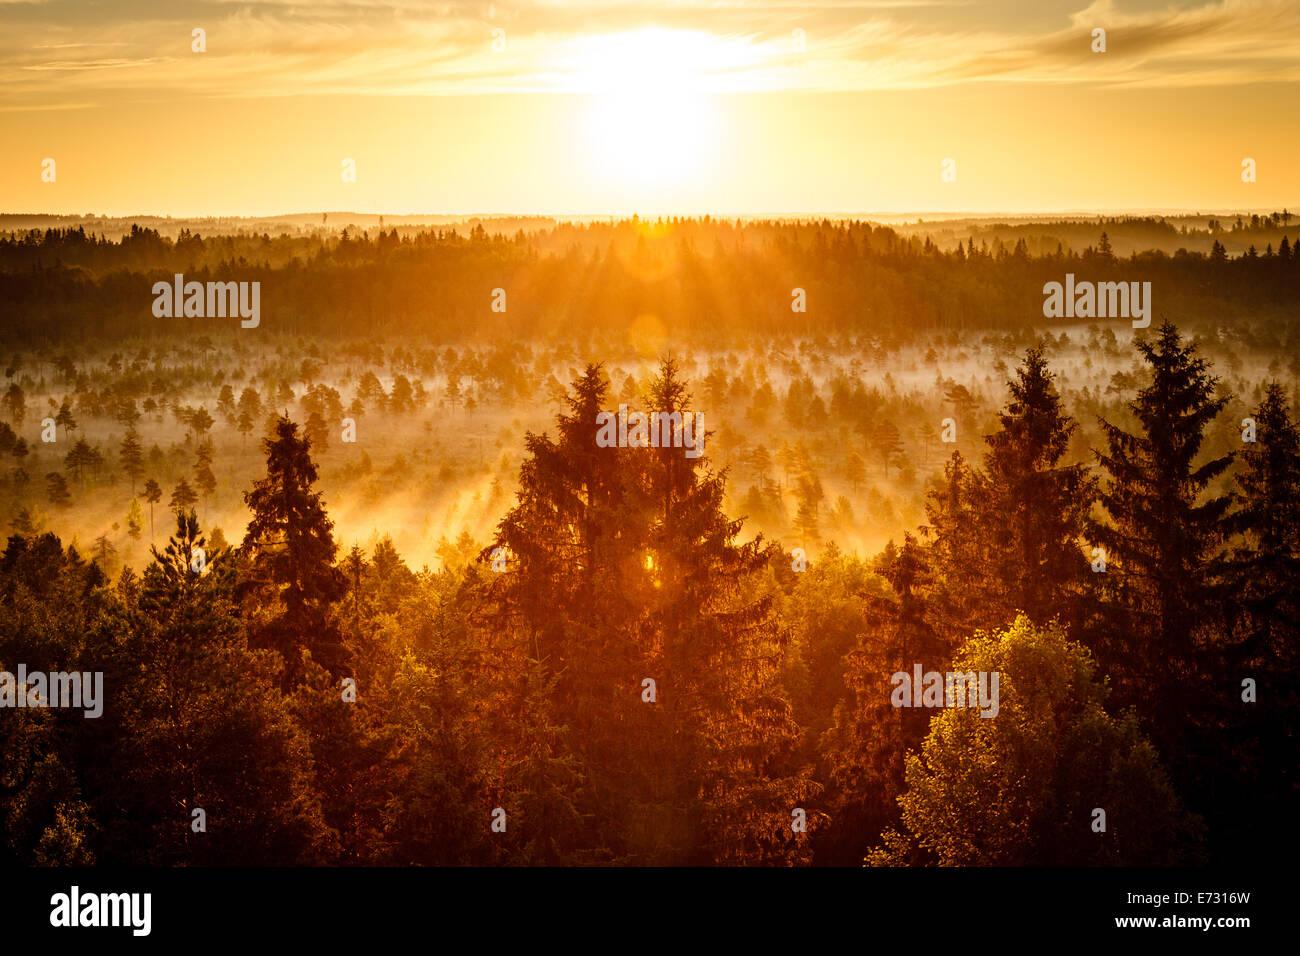 Sonnenaufgang an einem frühen Morgen im Torronsuo Sumpf in Finnland. Die Sonne scheint hell auf die goldene Stockbild